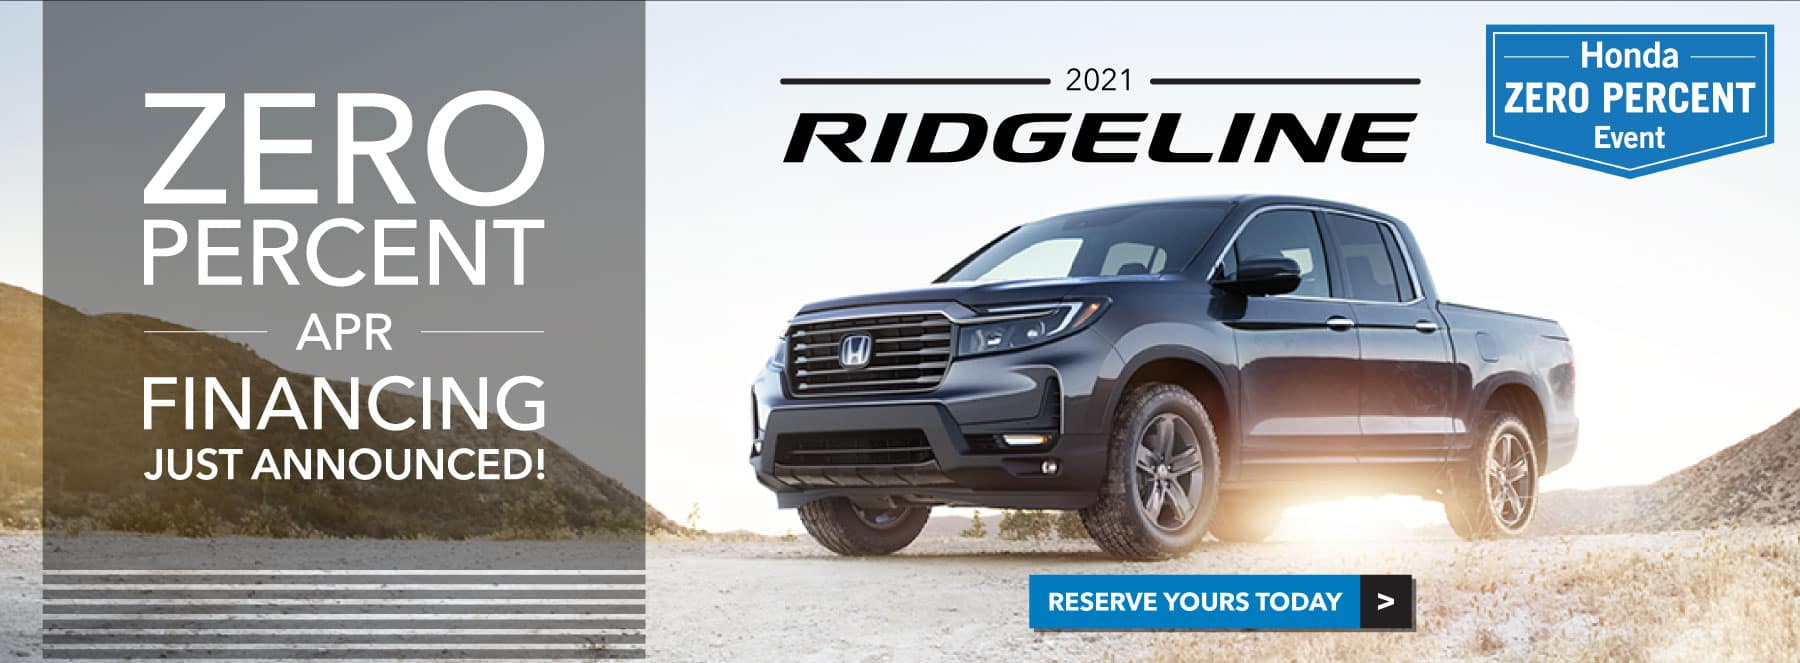 2021 Honda Ridgeline - Zero Percent Event